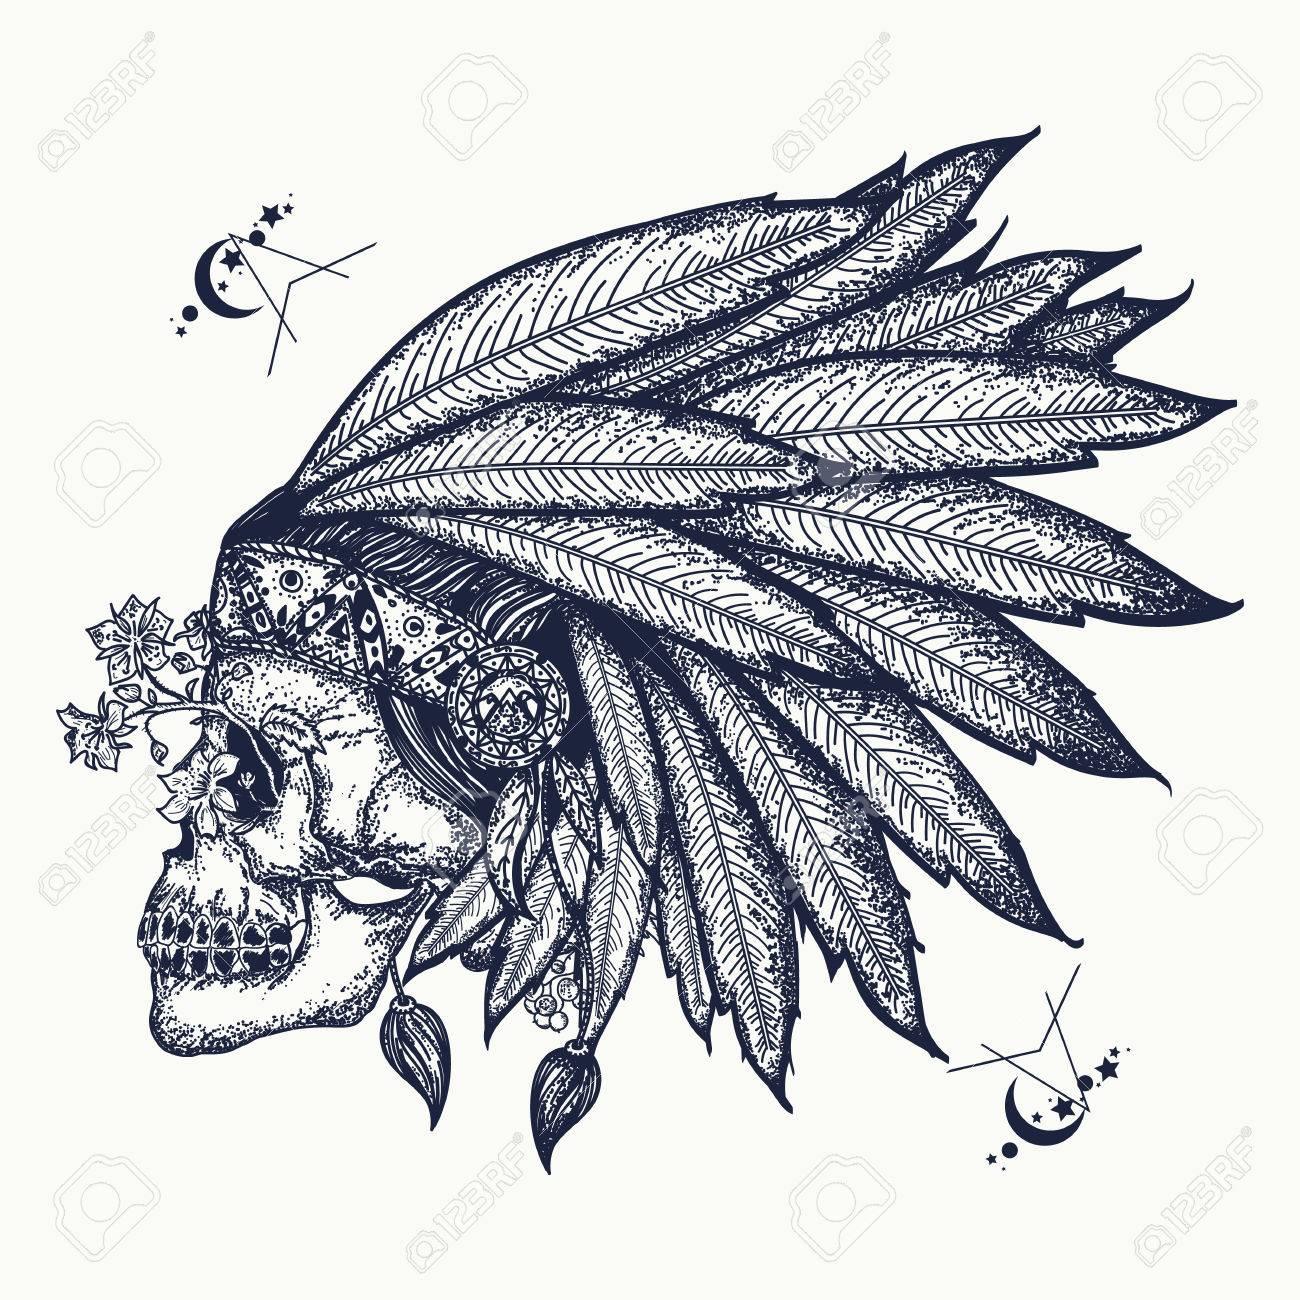 Indian skull tattoo art warrior symbol native american indian indian skull tattoo art warrior symbol native american indian feather headdress with human skull biocorpaavc